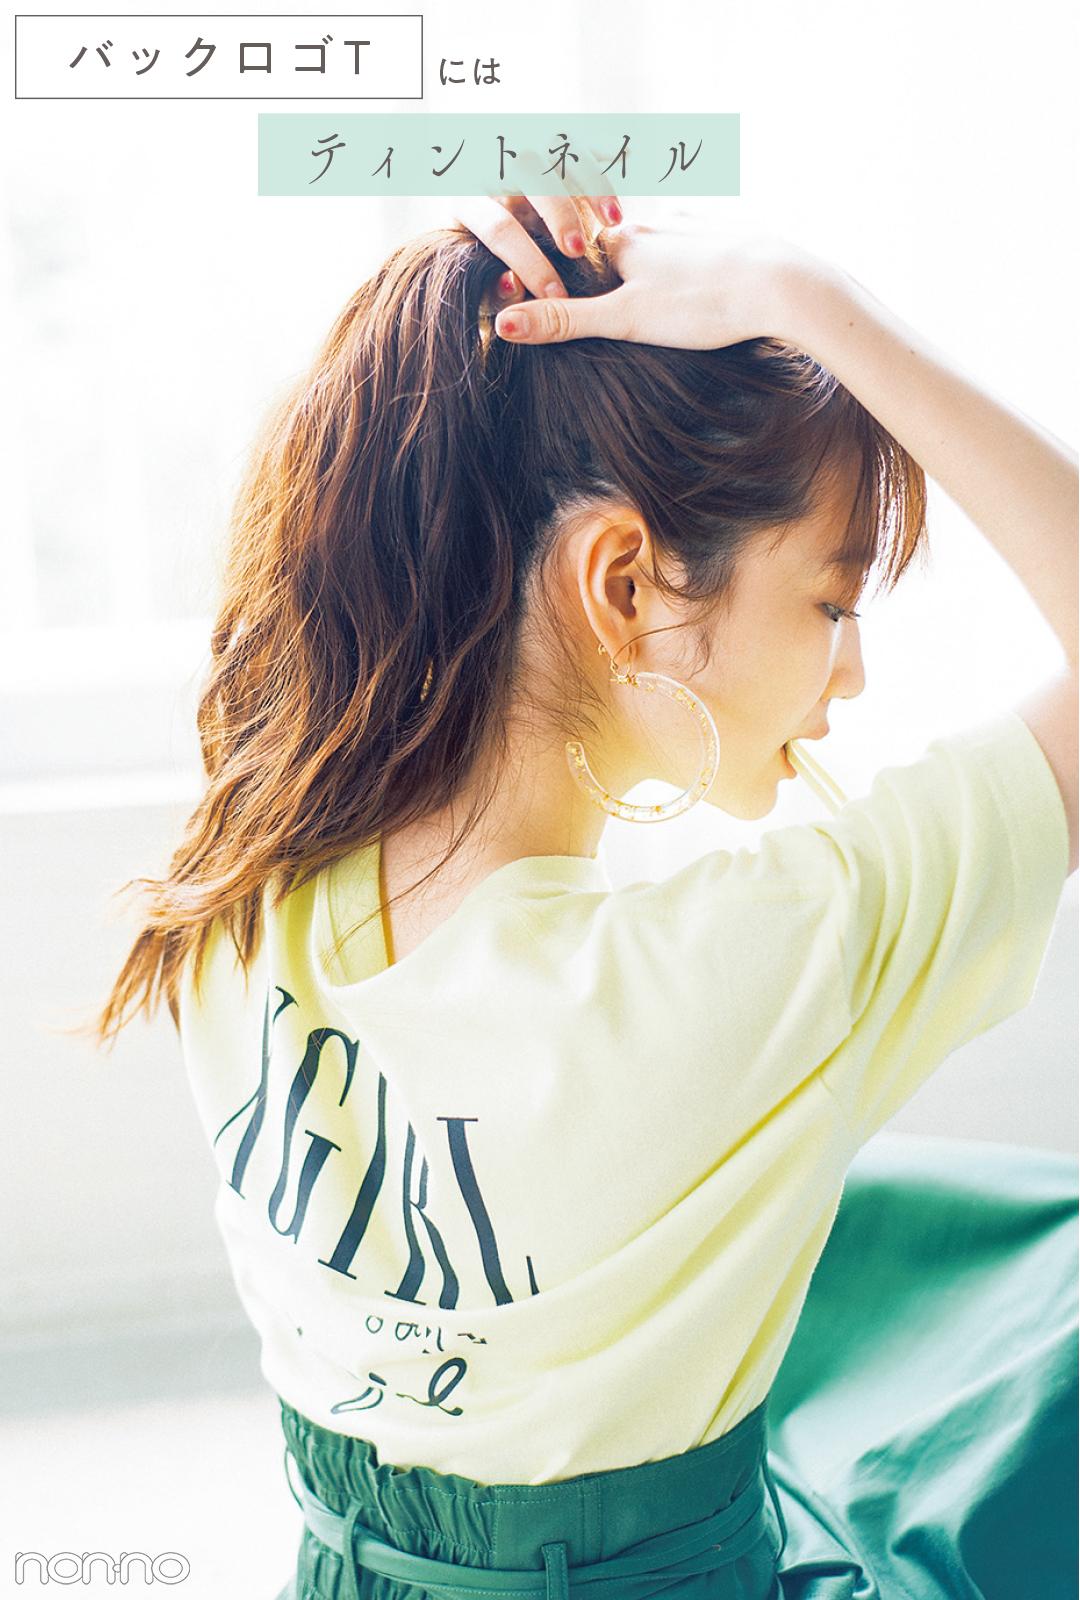 【ネイル2019夏】Tシャツのタイプで変える♡ 今っぽおしゃネイル7選!_1_6